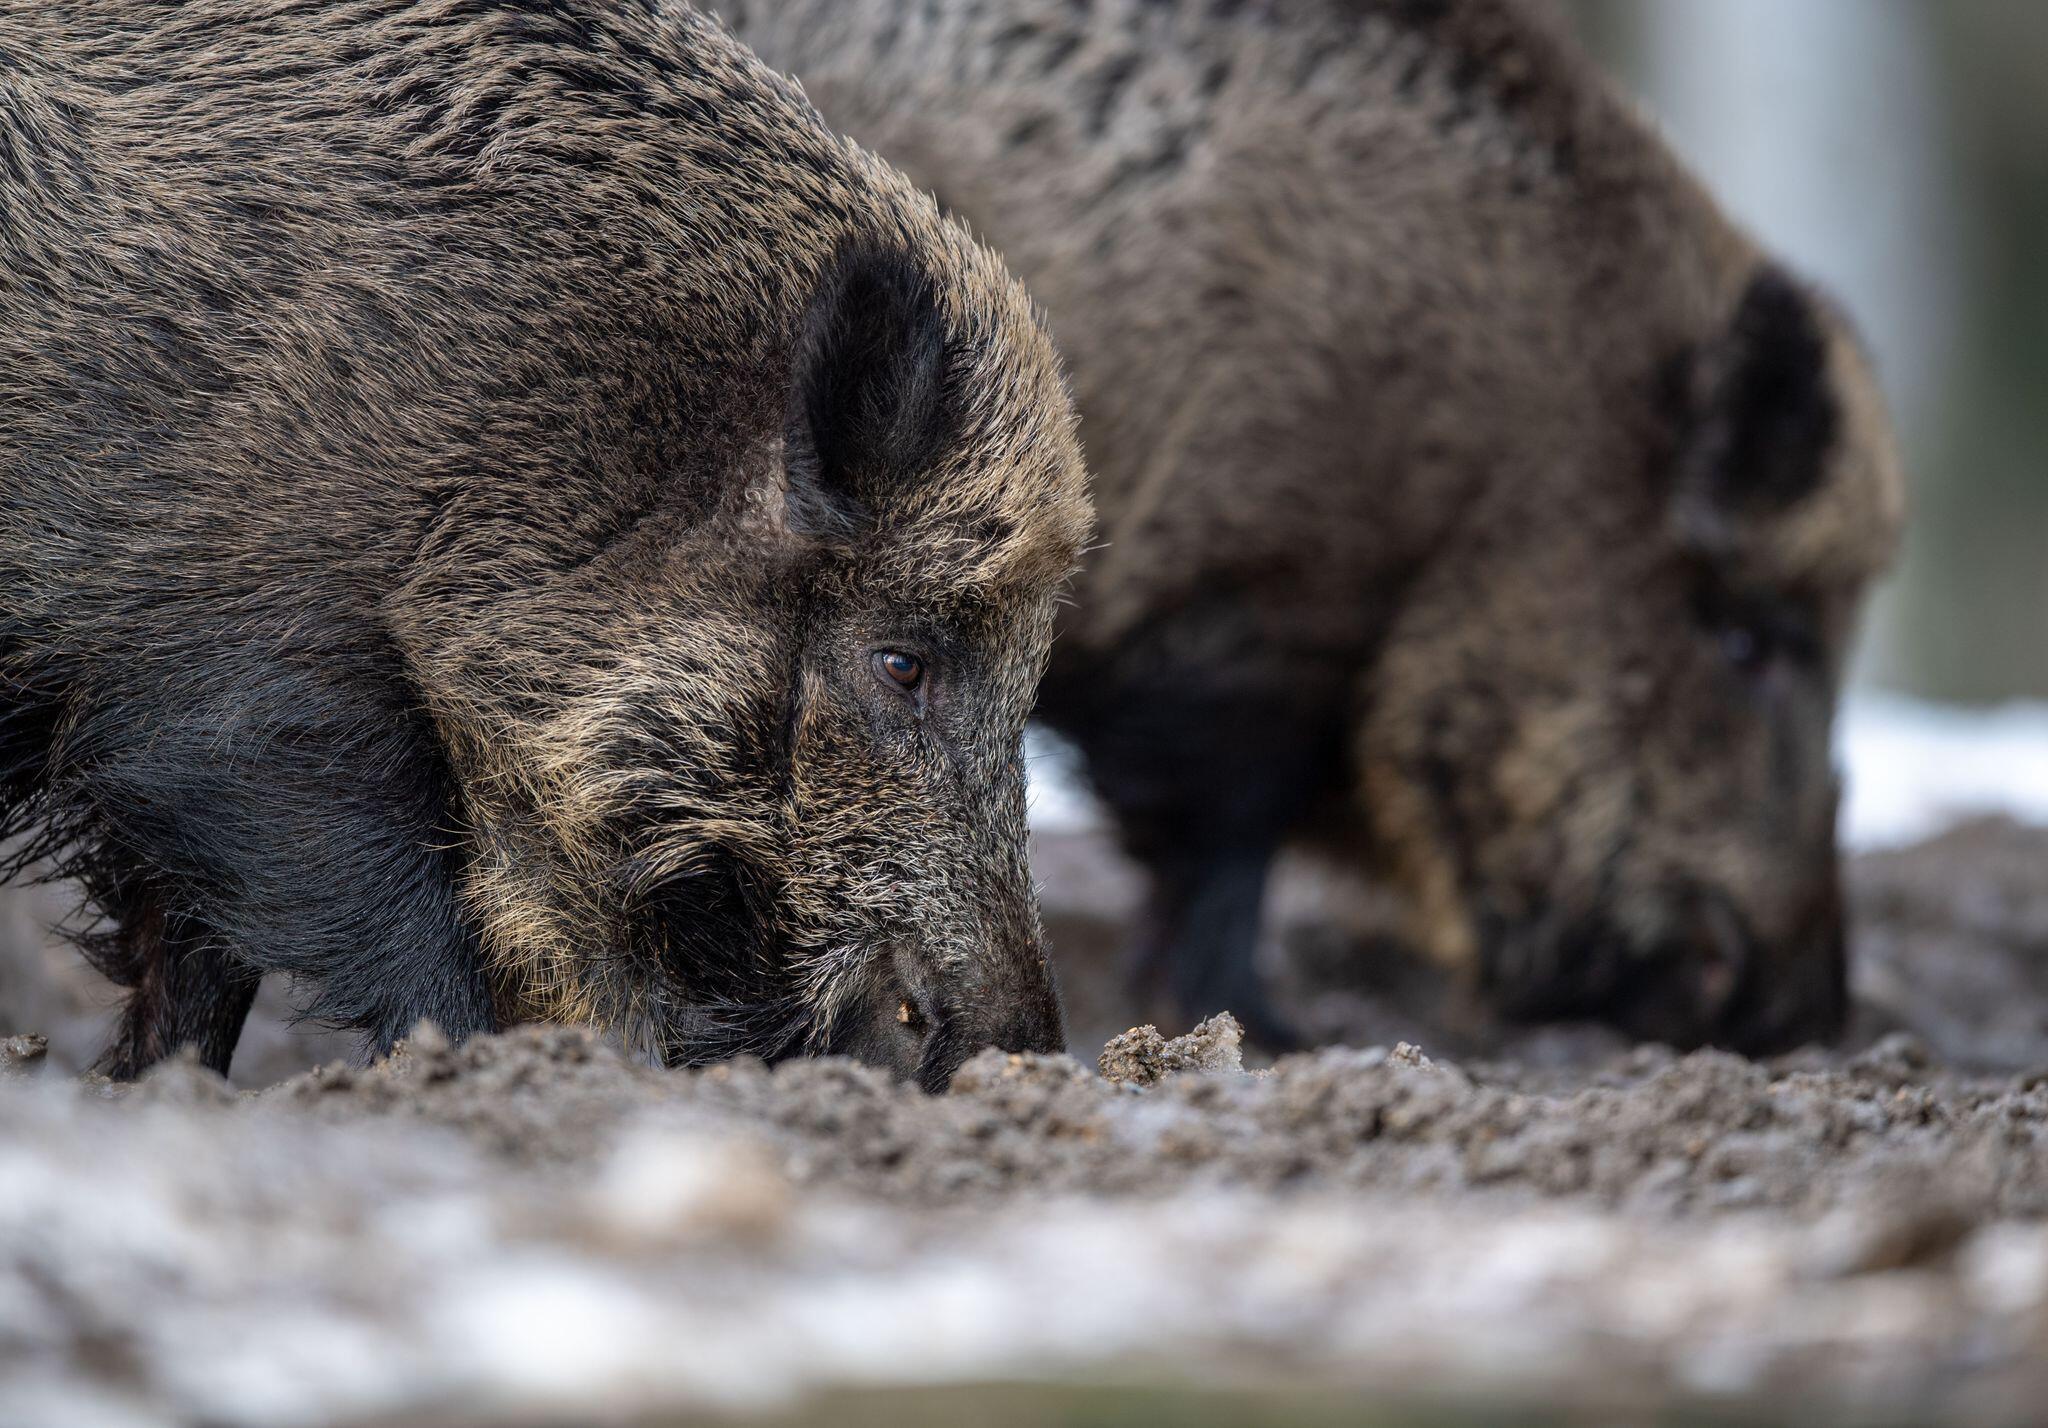 Bild zu Agrarversicherer: Wahrscheinlich mehr als ein Tier infiziert